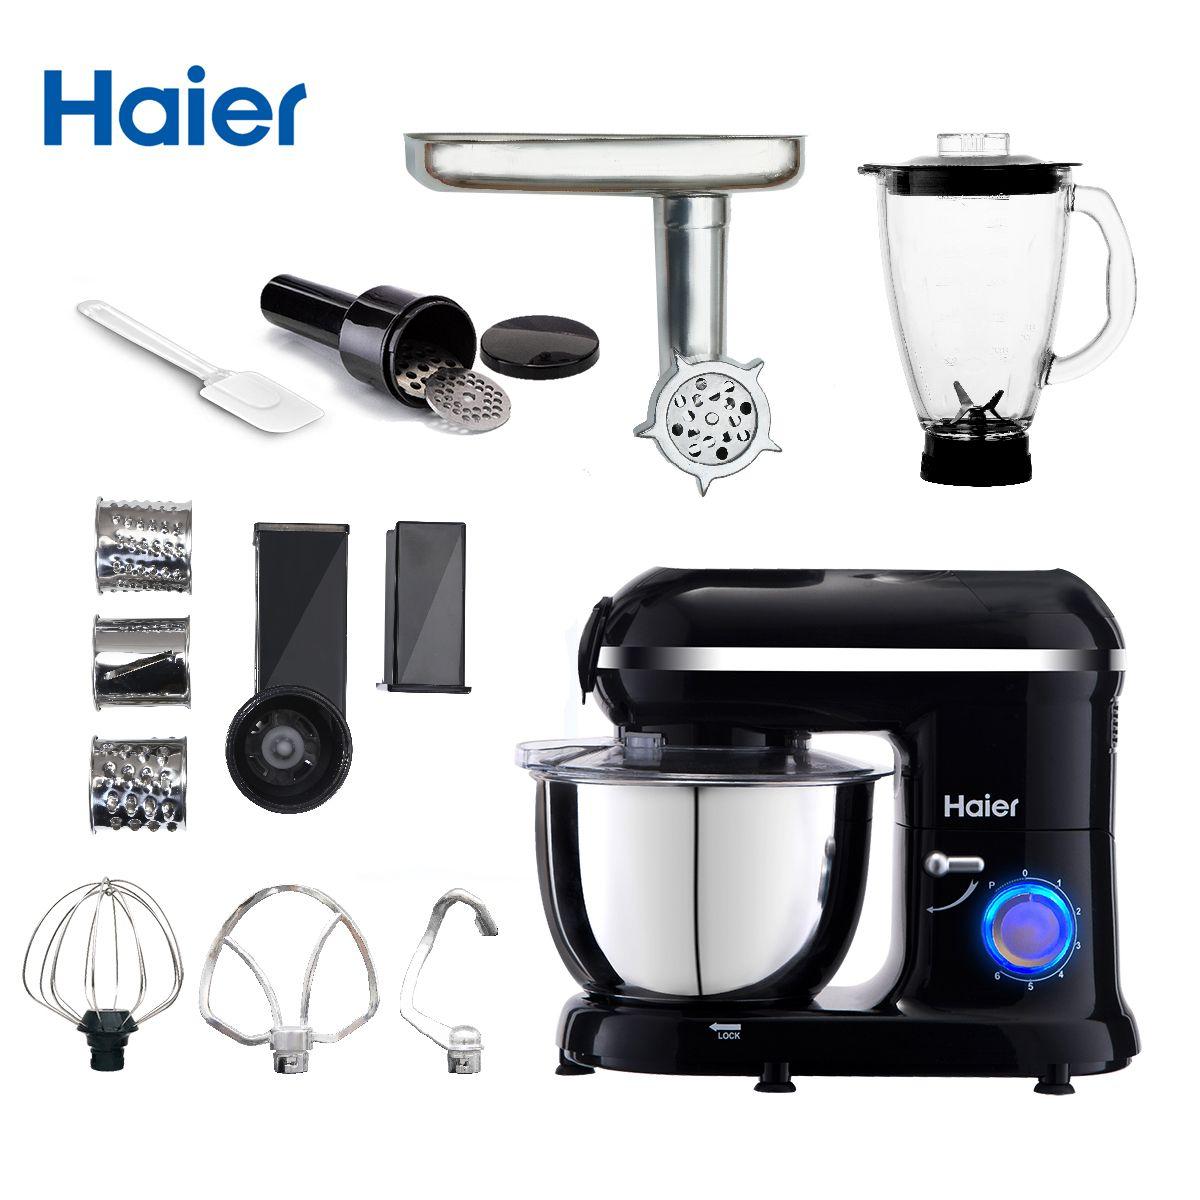 Haier küchenmaschine HSR-139 Funktionen Küchenmaschine Mixer Mixer Wurst Stuffer Obst Entsafter Fleisch Teig Ei Mischer Fleischwolf Koch maschine